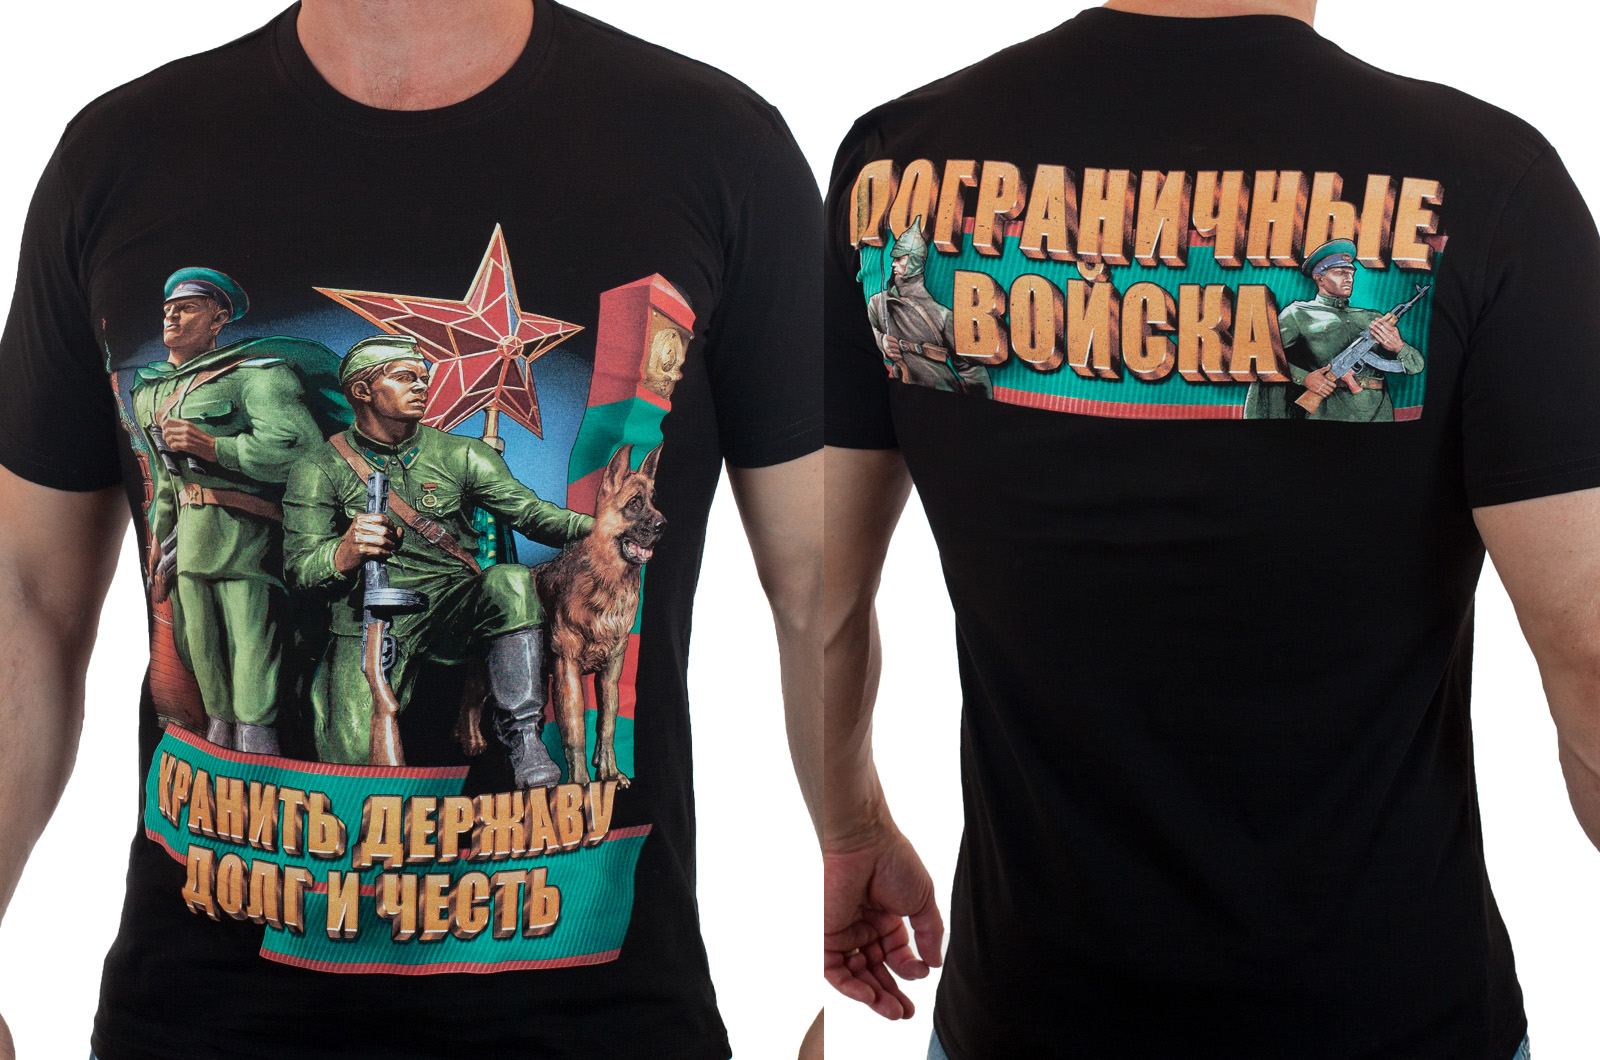 """Заказать футболки """"Хранить державу"""""""